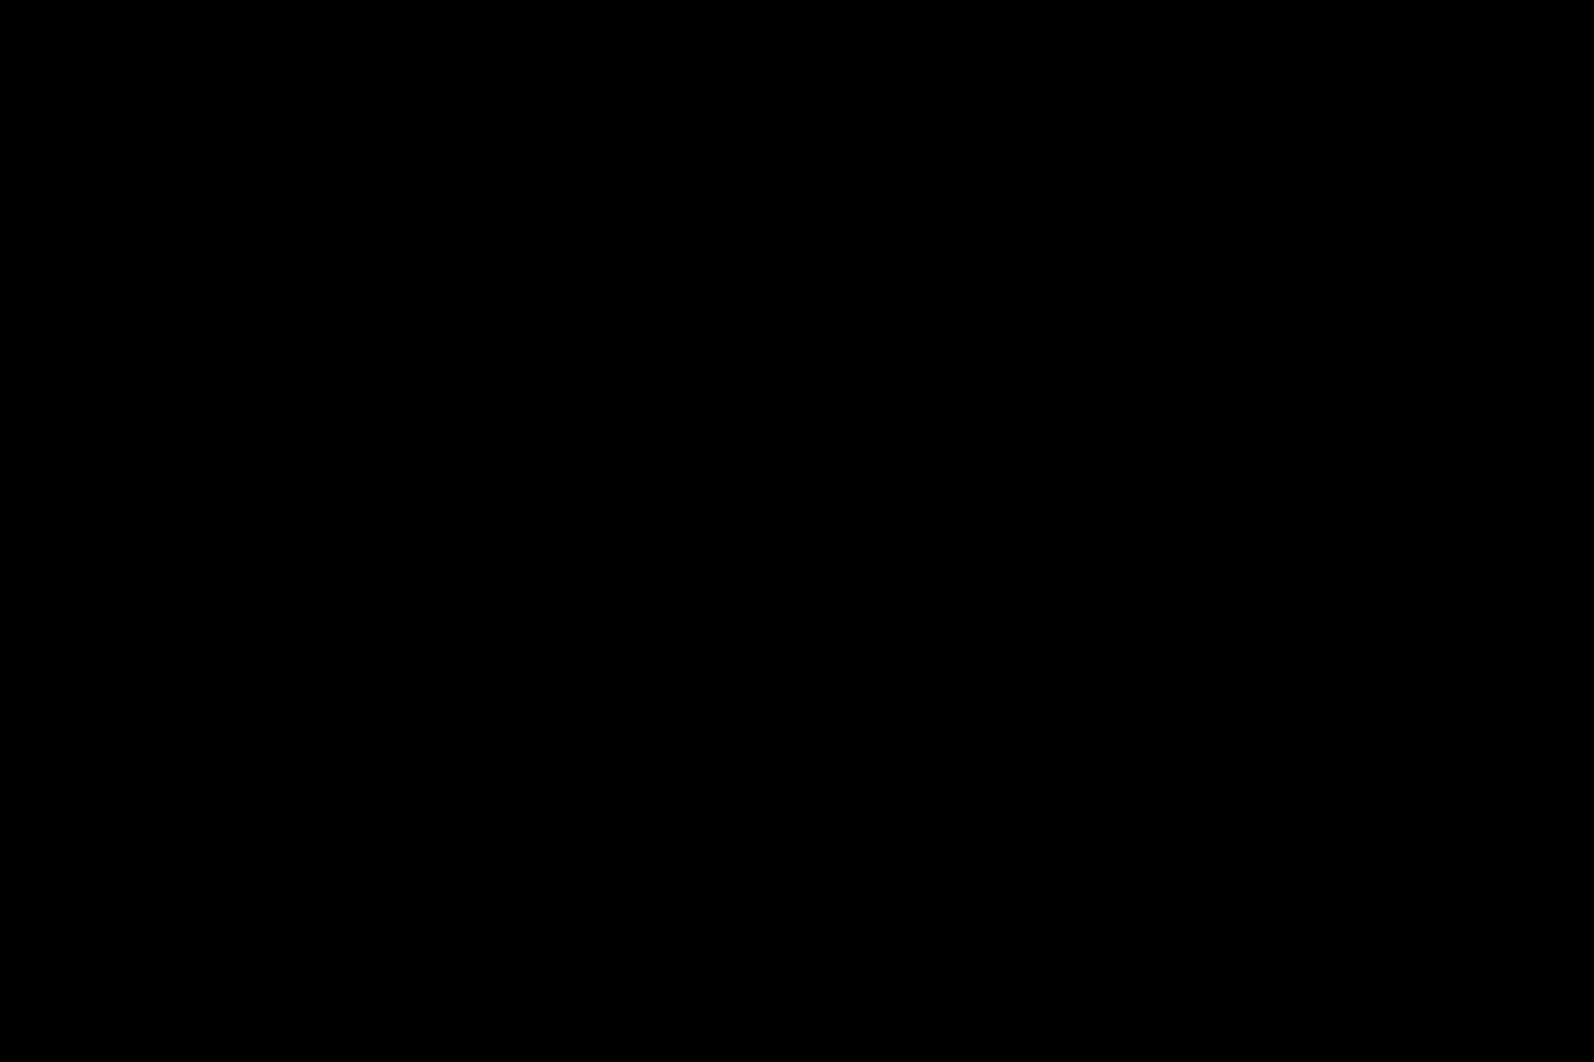 Outline : Scrolls Icon set - ESULT 01 -